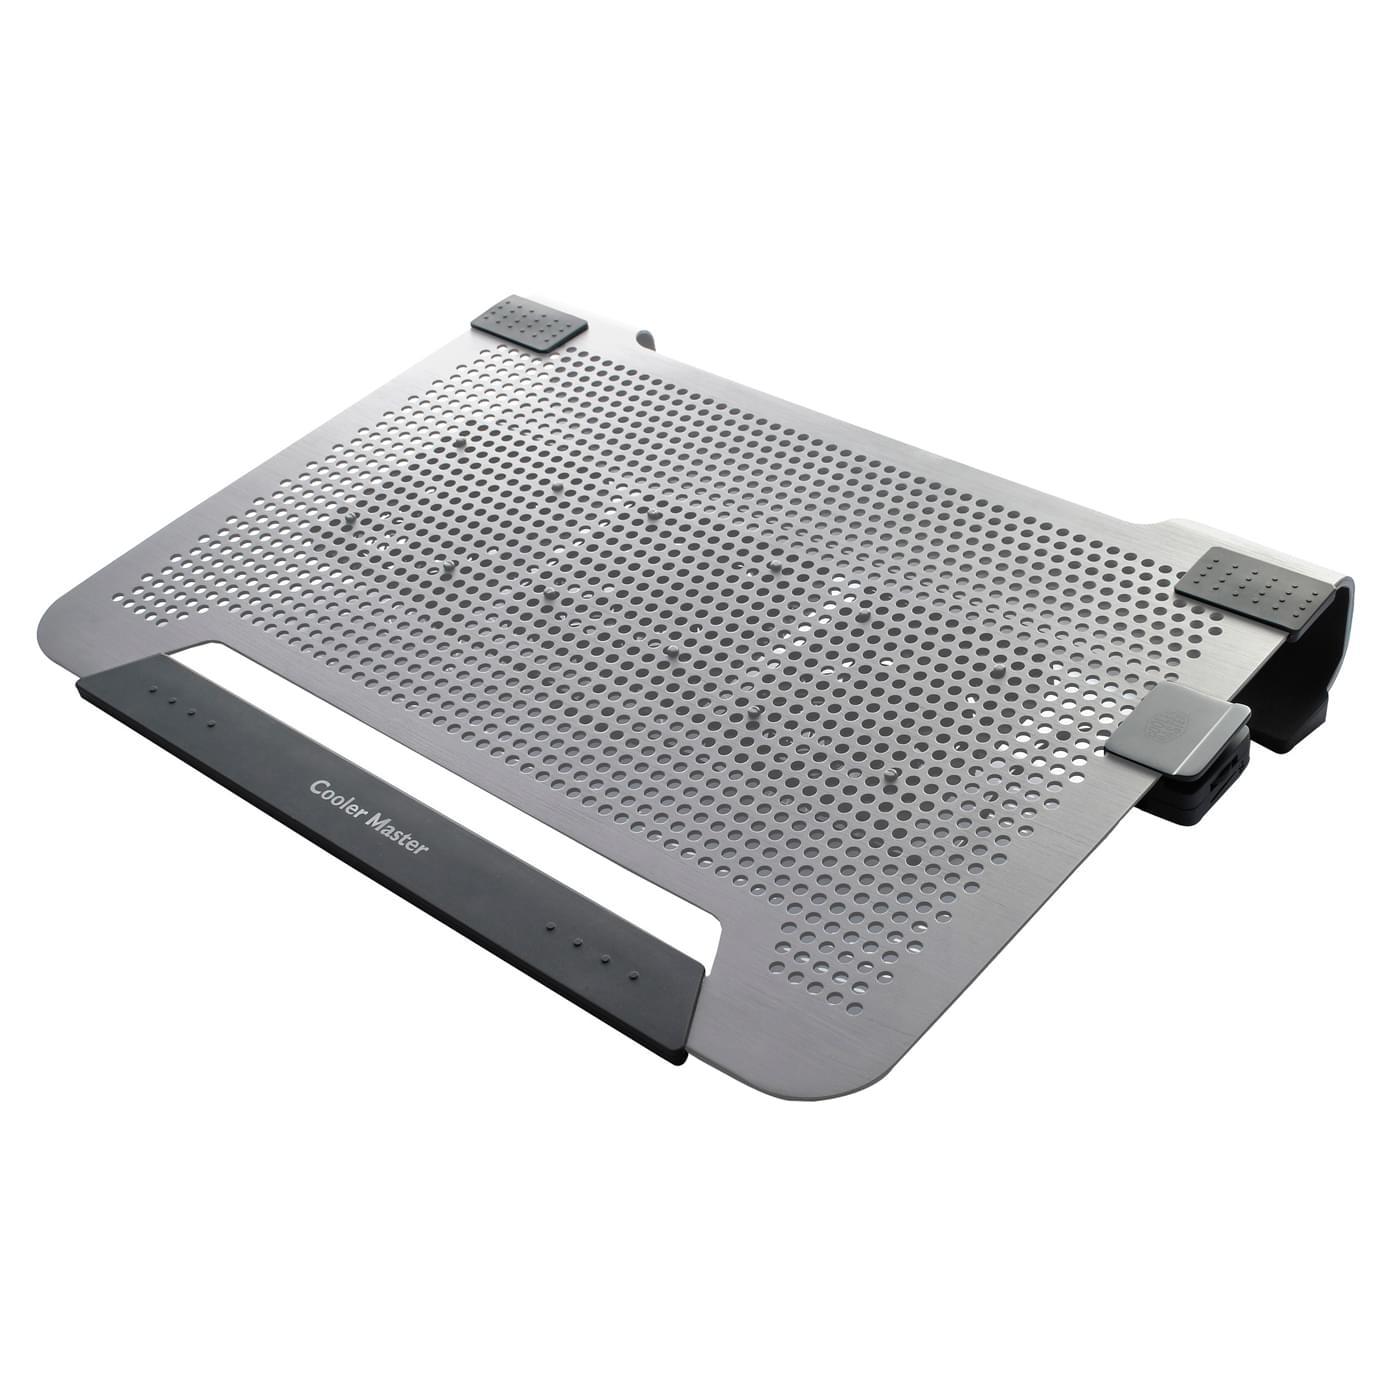 Cooler Master Refroidisseur NB Notepal U3 Silver R9-NBC-8PCS-GP (R9-NBC-8PCS-GP) - Achat / Vente Ventilateur CPU sur Cybertek.fr - 0